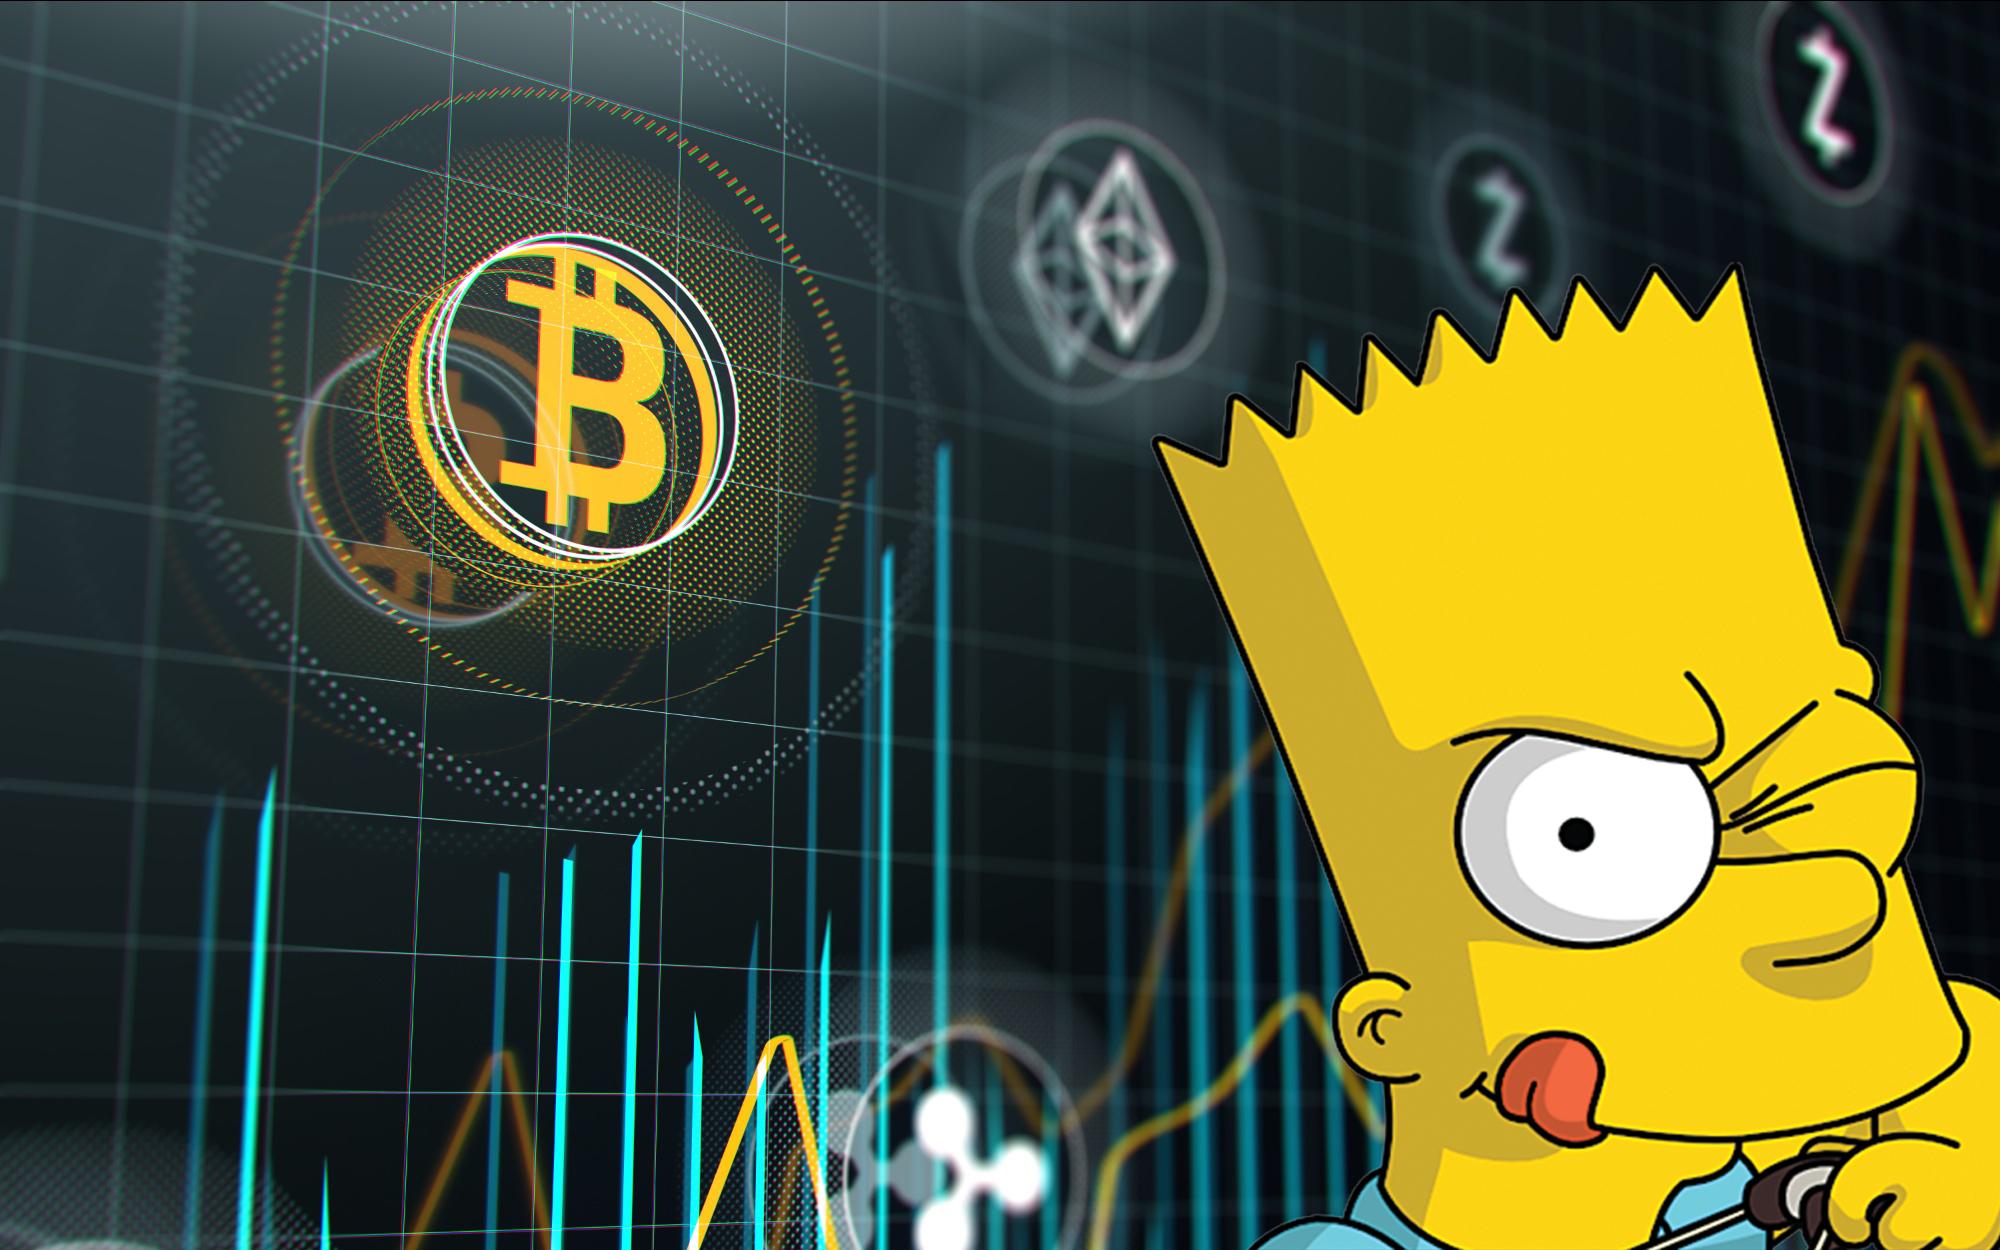 kripto para dünyası 1 nisan şakaları